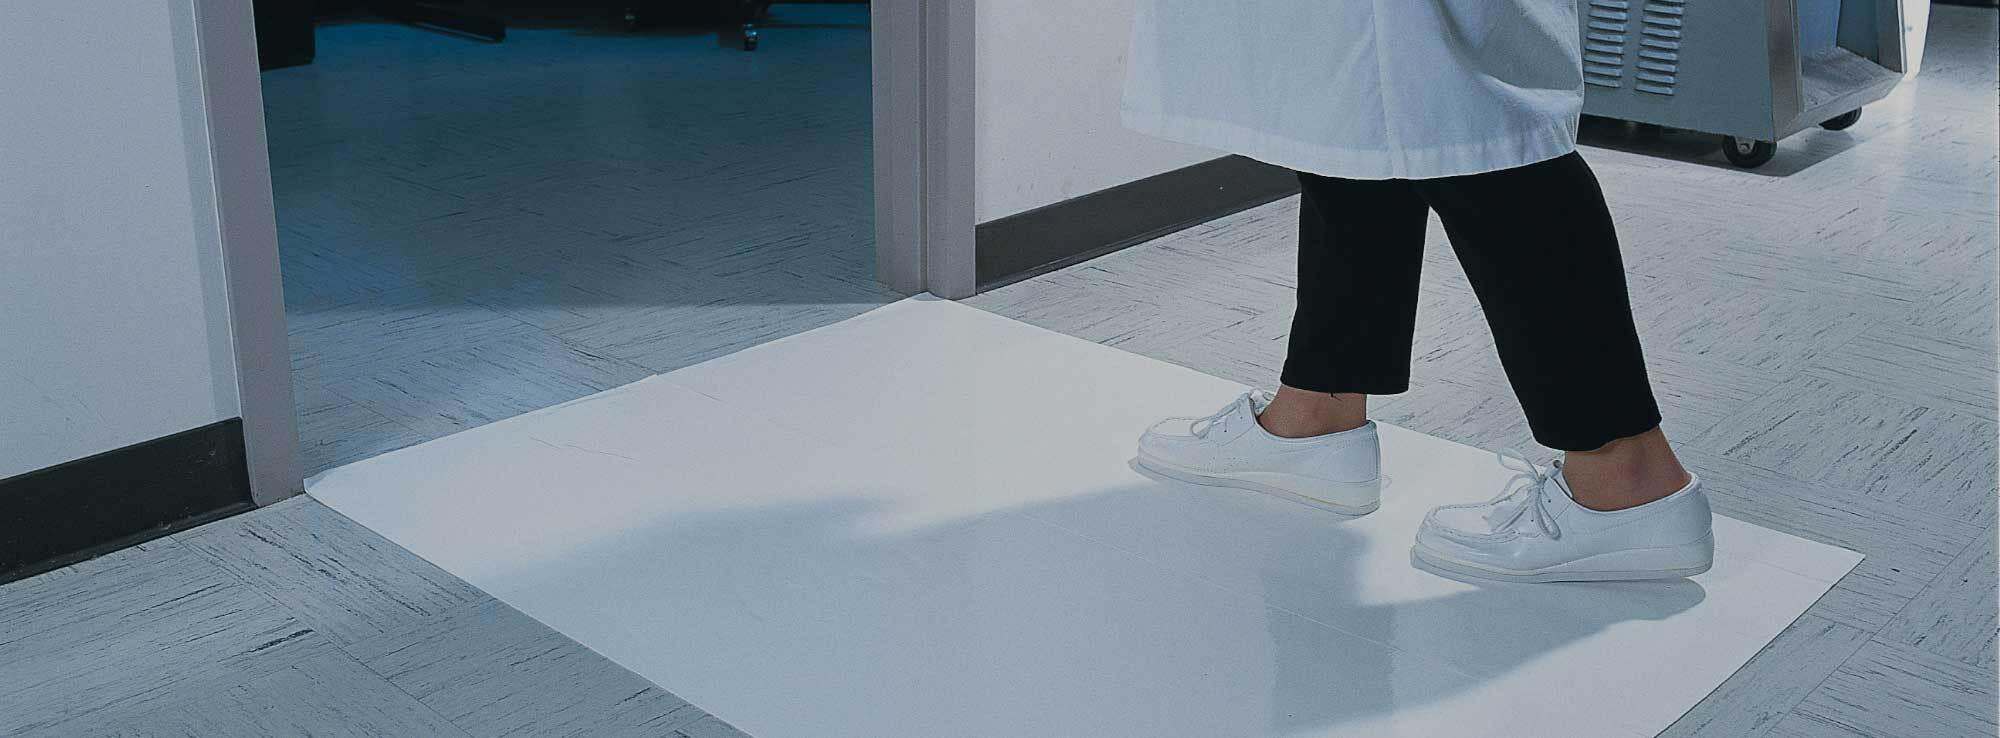 Clean Room, Mat, Tacky Mat, Tacky, Adhesive Mat, Adhesive, Contamination, Contamination Control